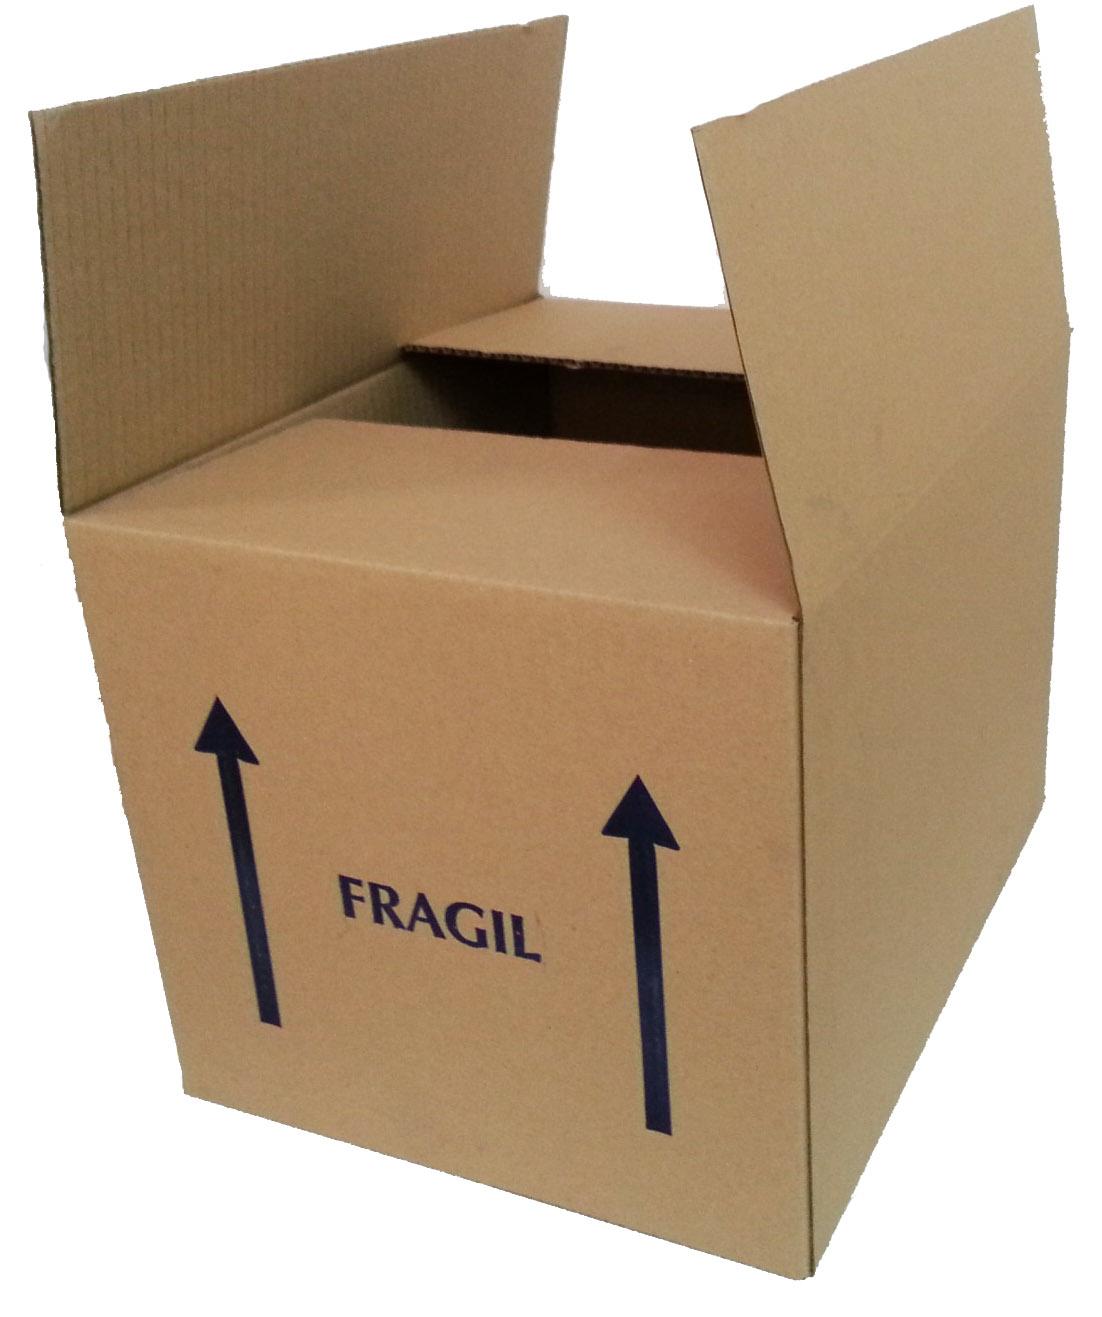 Comprar cajas para mudanza perfect cajas para hacer for Cajas para mudanzas